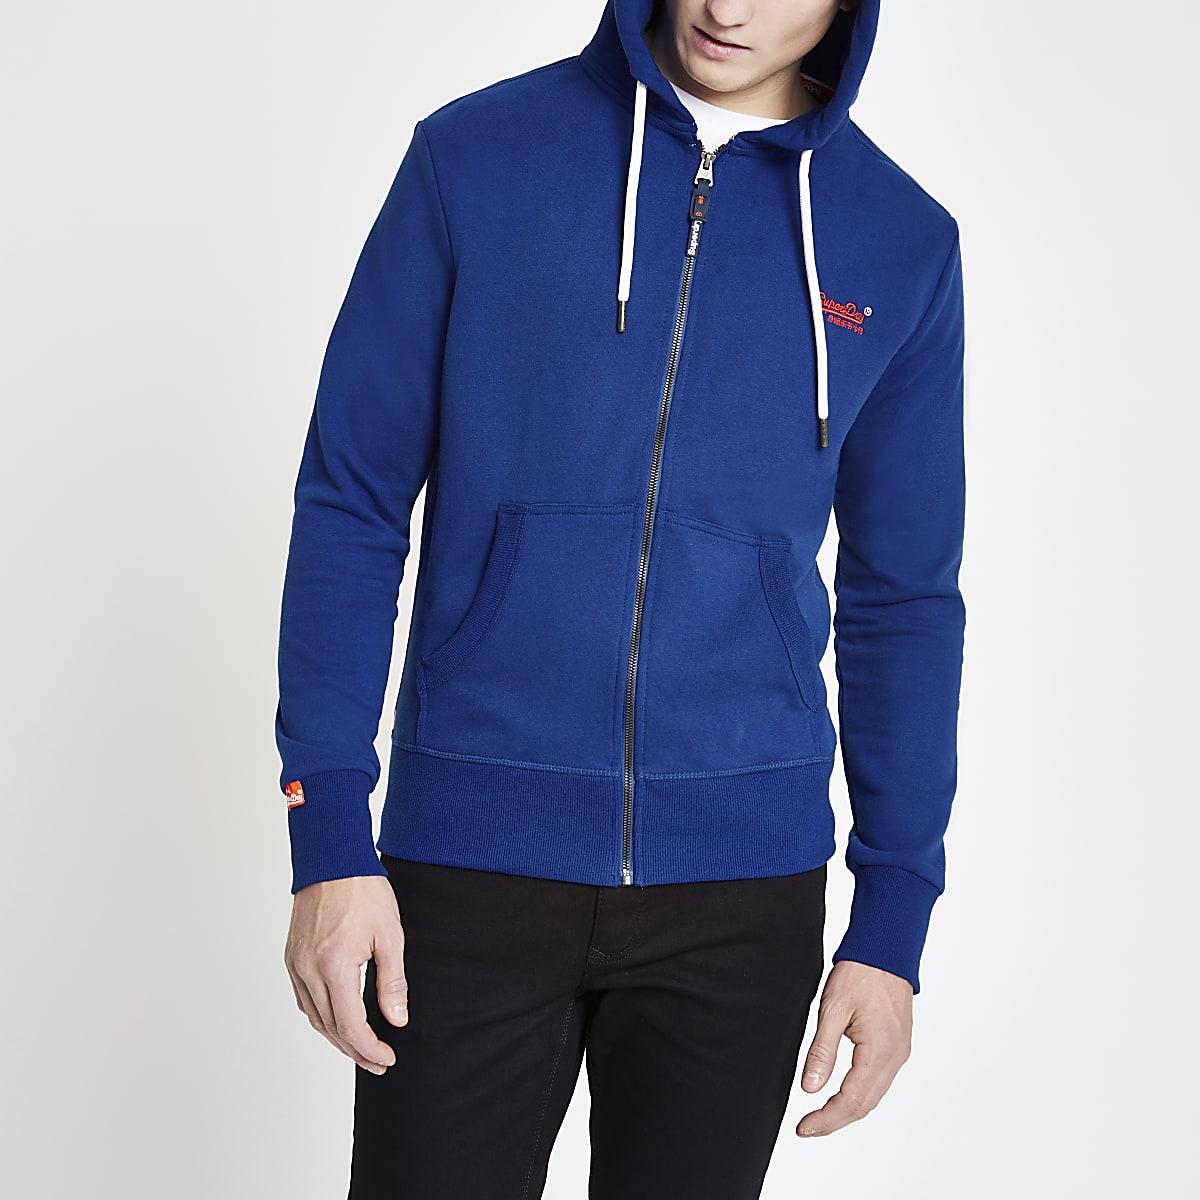 Superdry - Blauwe hoodie met rits